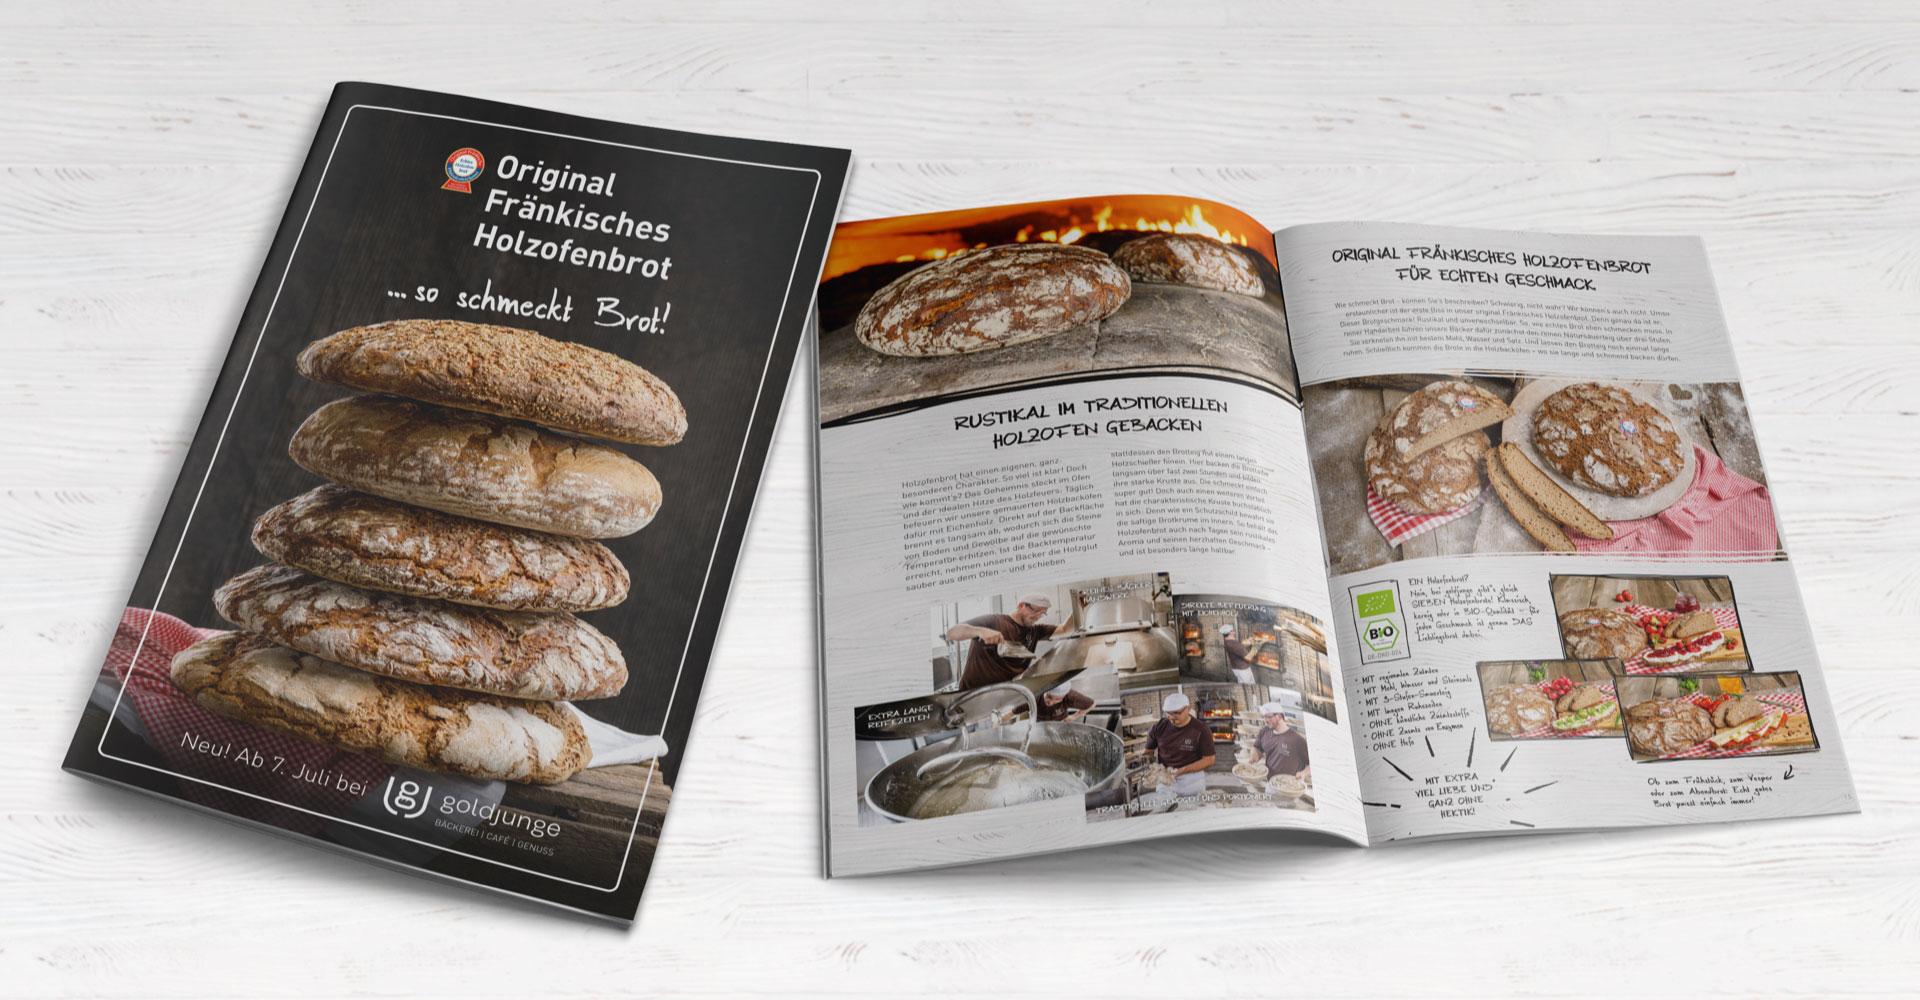 OPUS Marketing / goldjunge Holzofenbrot / Holzofenbrot Flyer